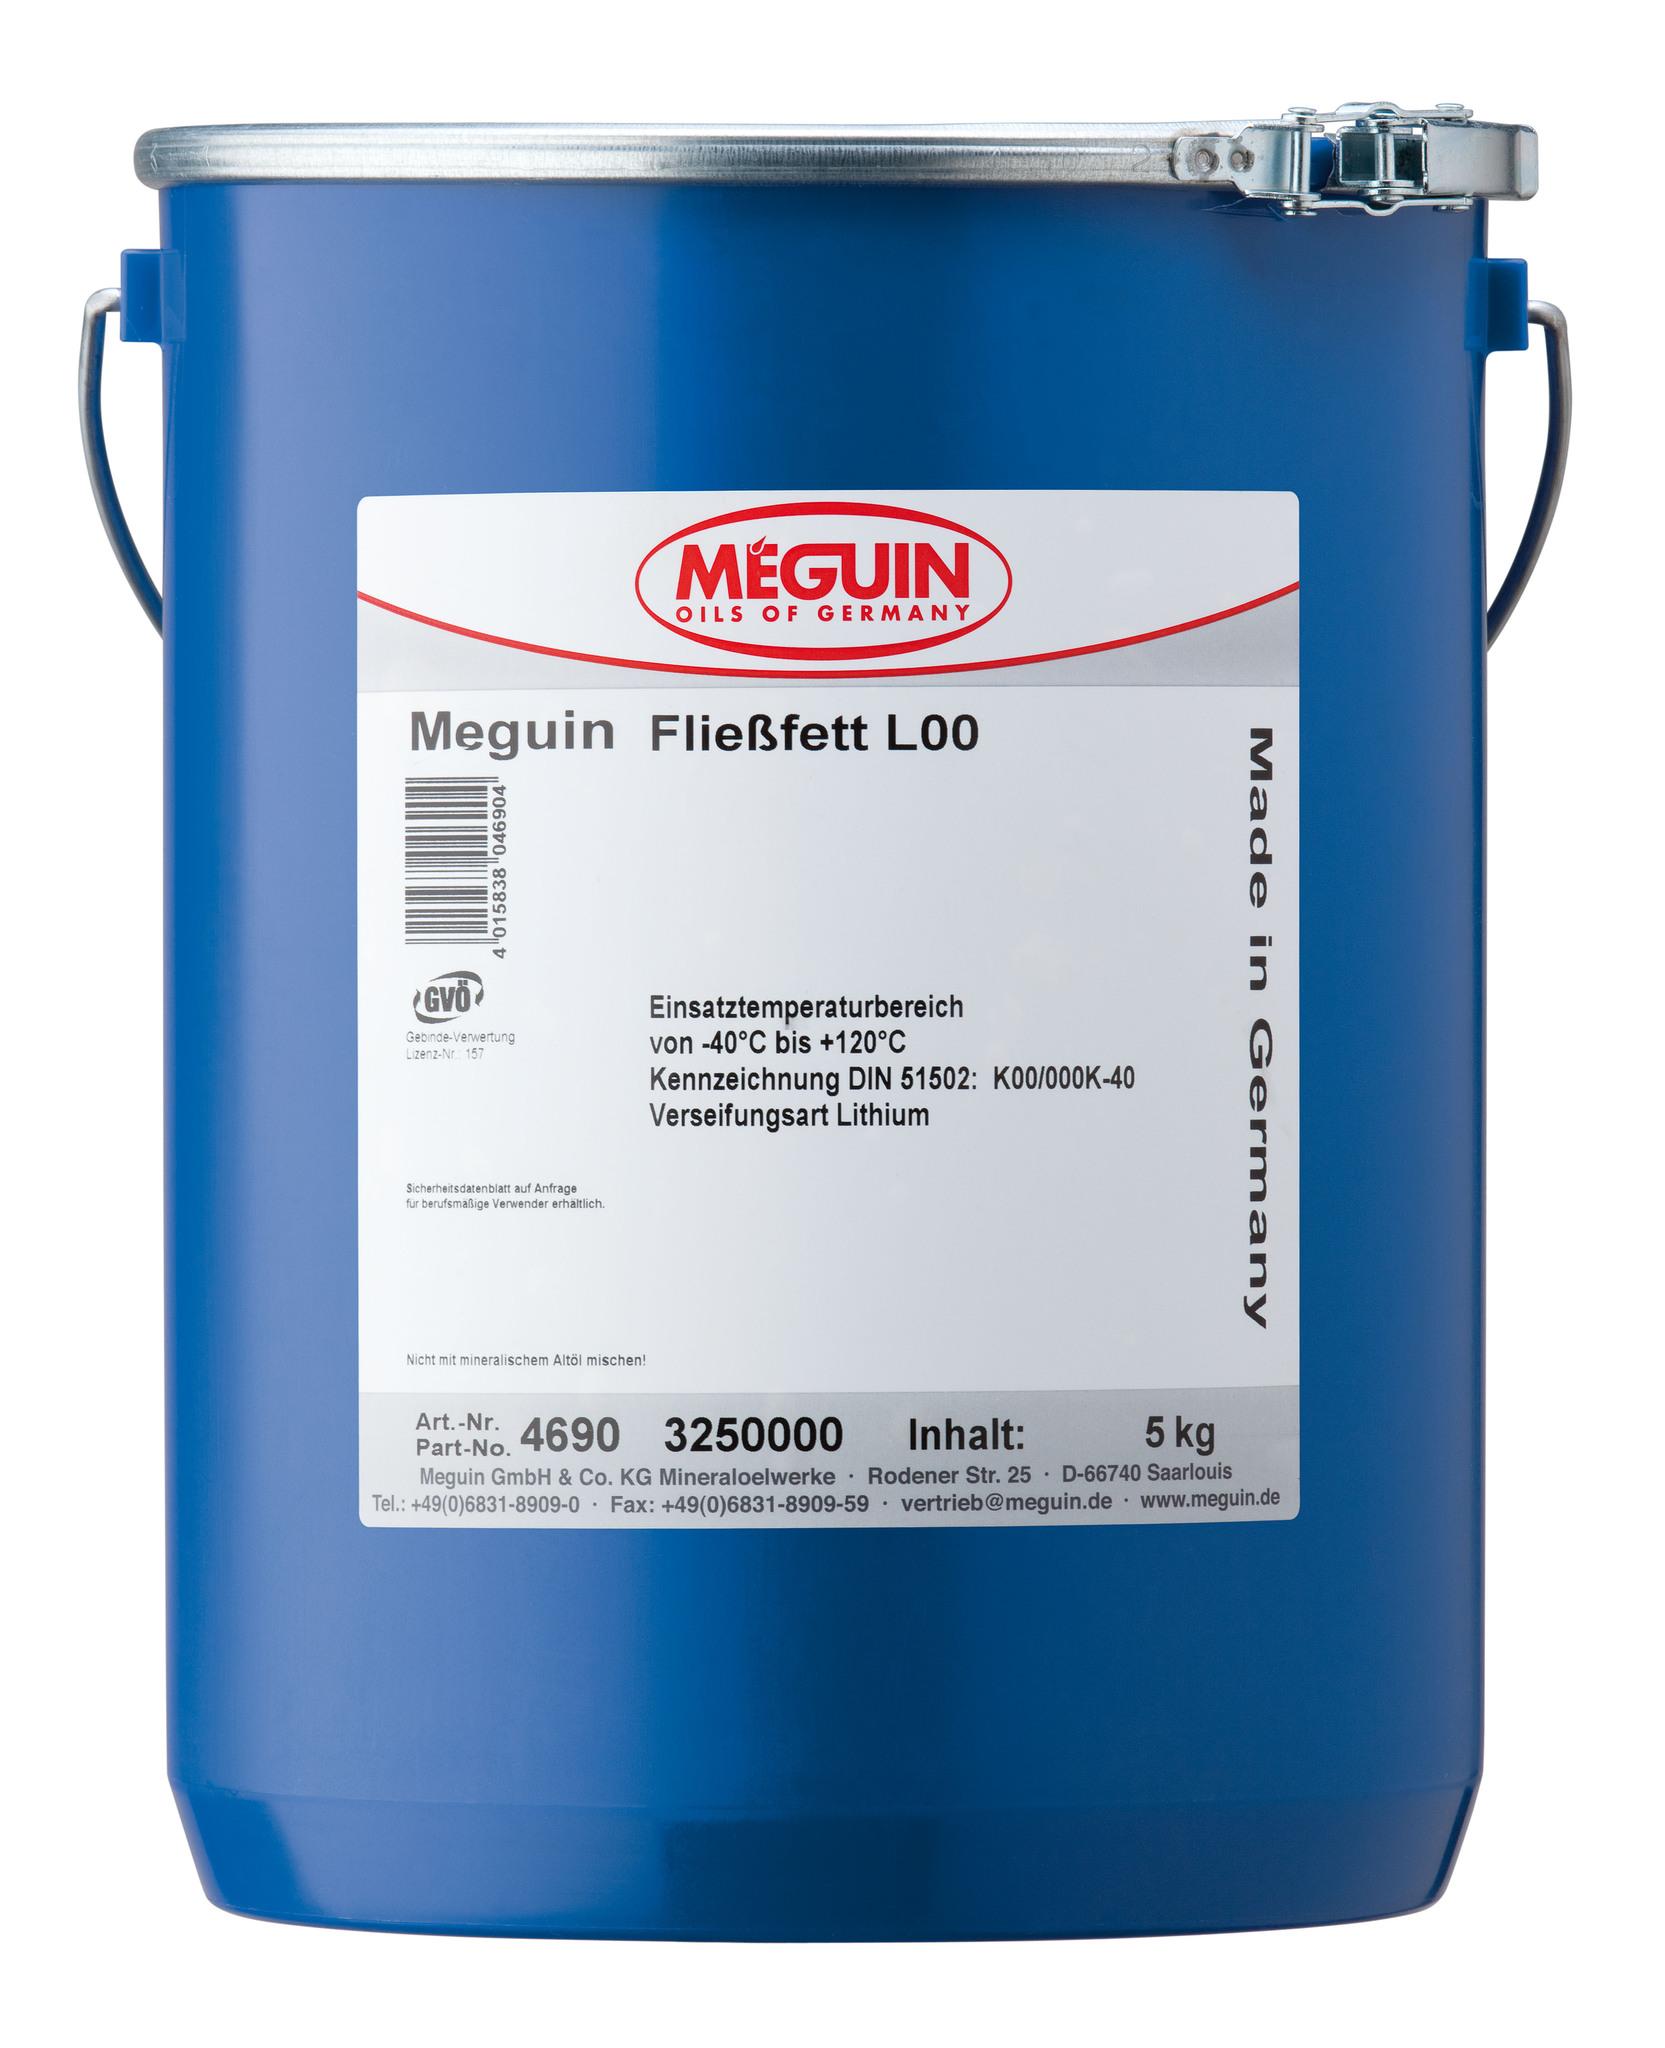 Meguin Fließfett L00 - Минеральное жидкая смазка для централизованных систем